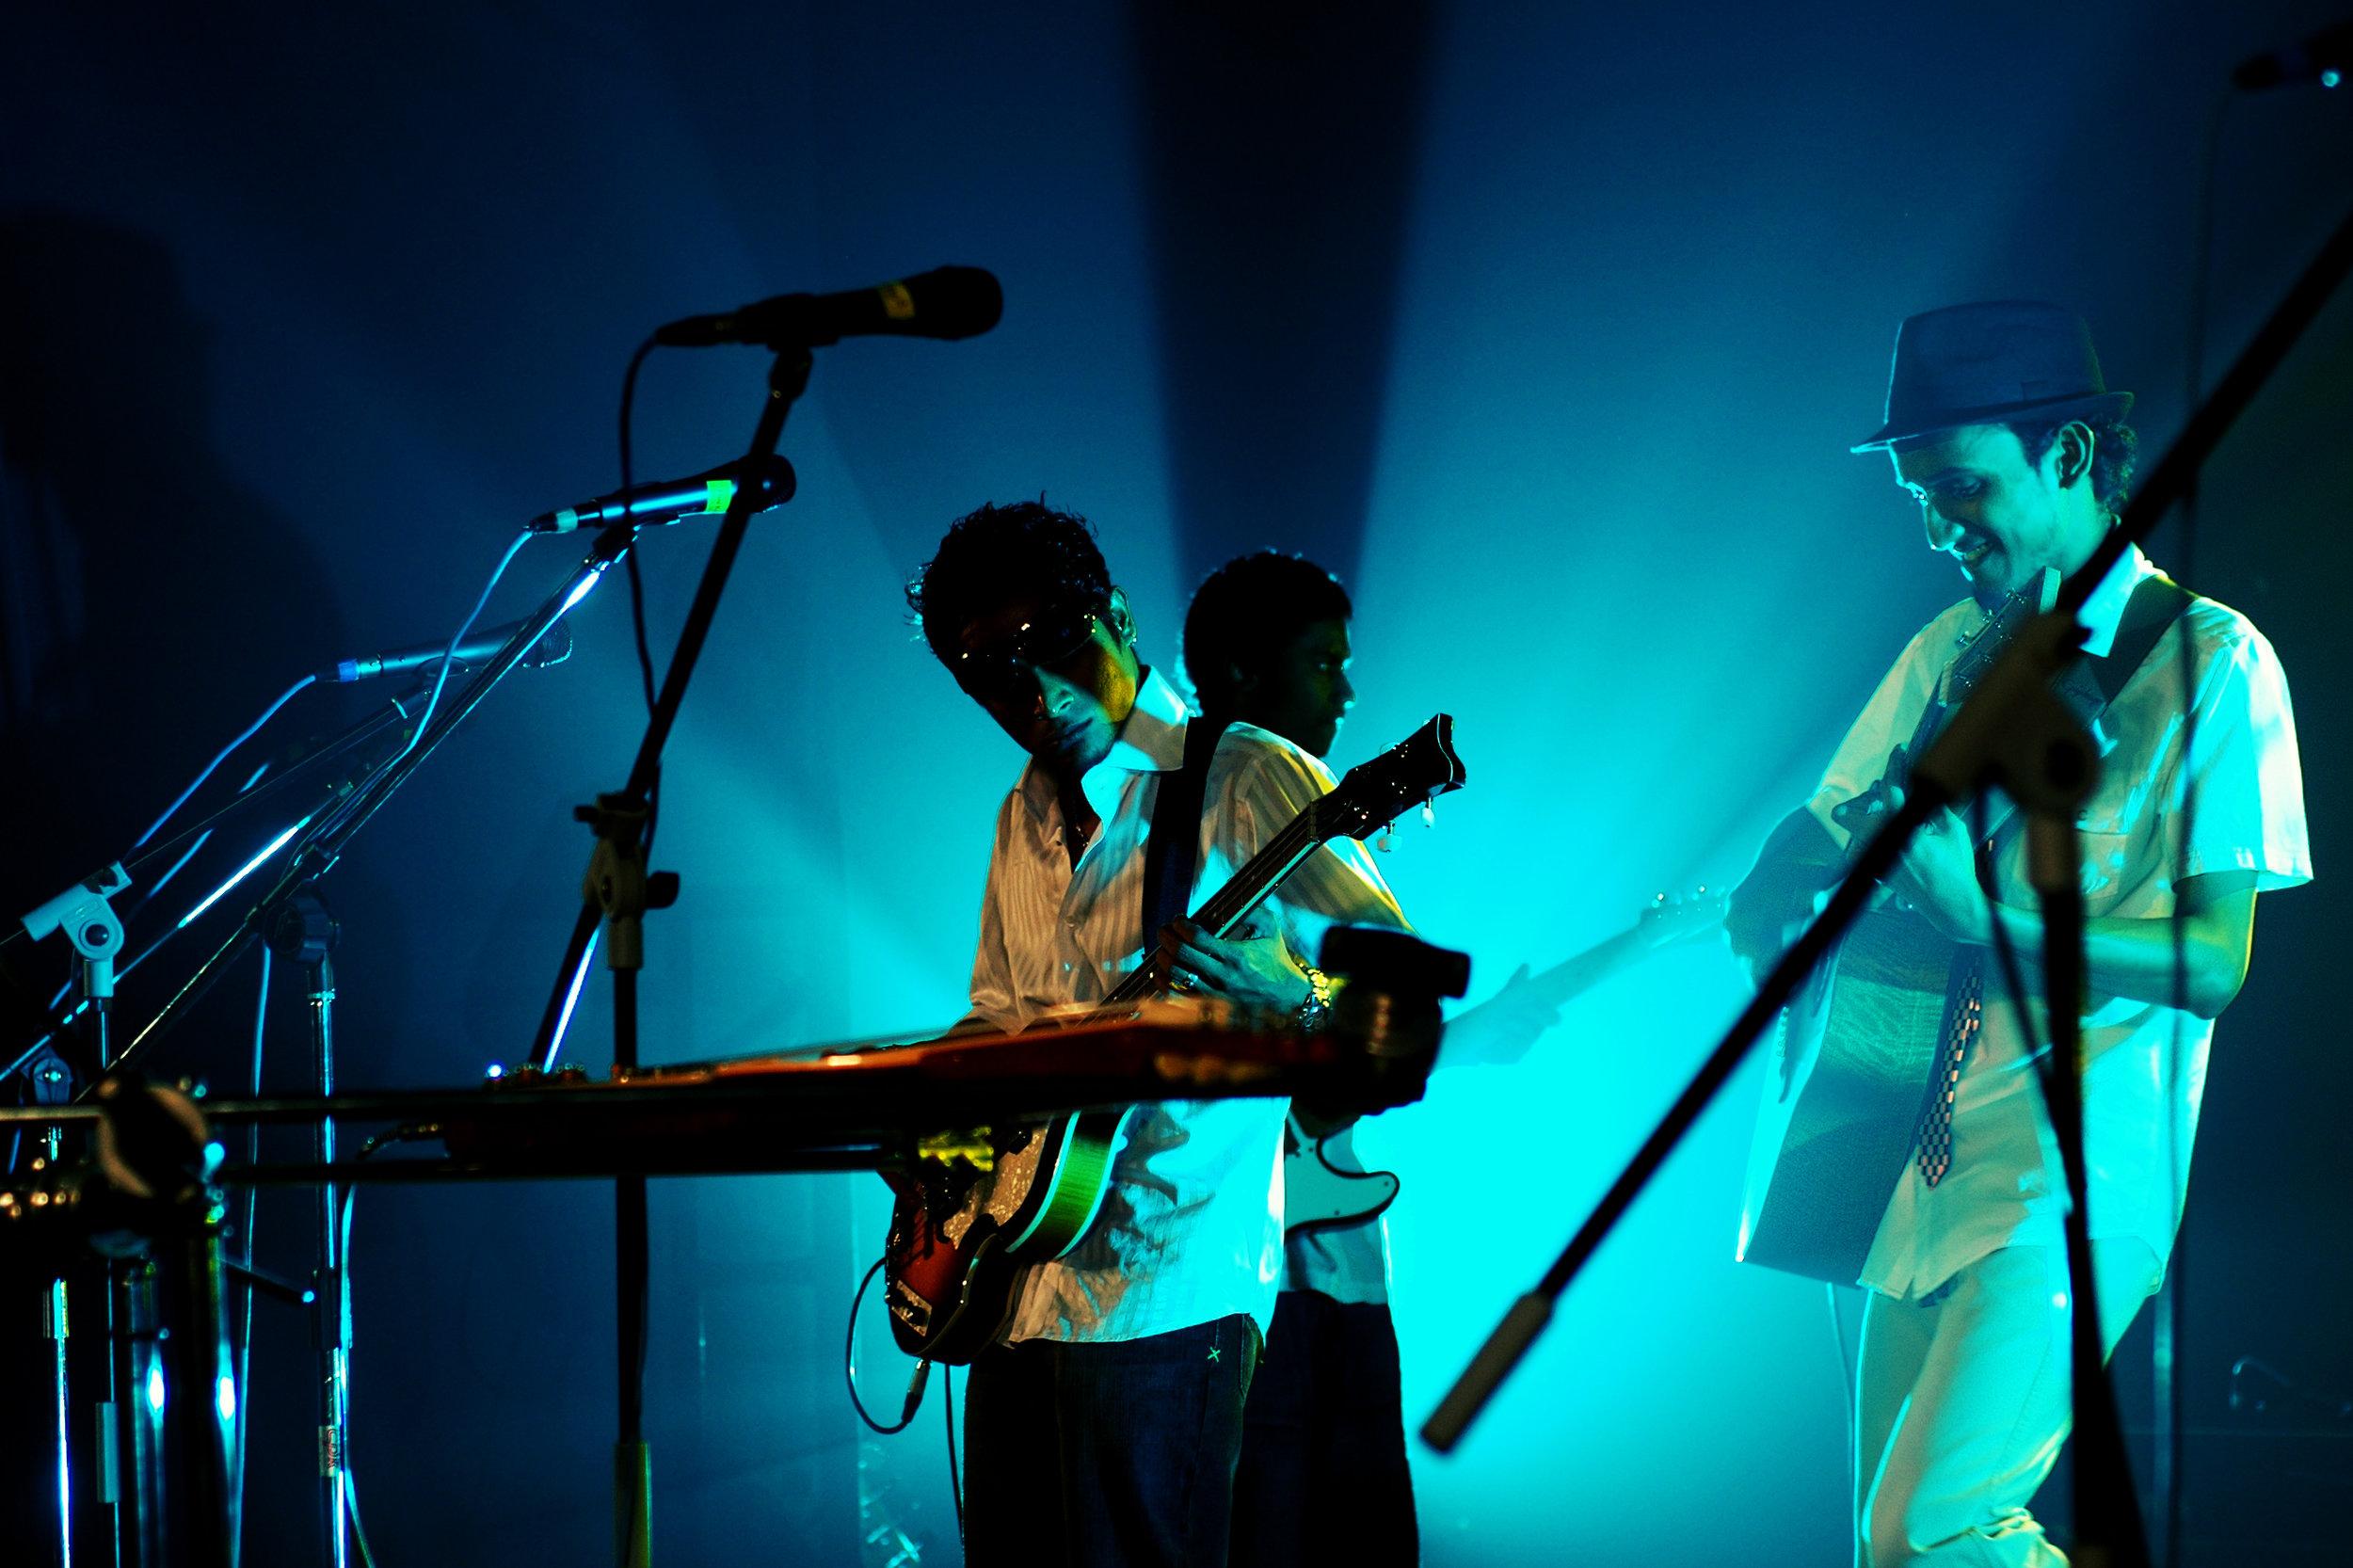 2009-08-19 - Male' City - Dharubaaruge' - Eku Ekee Album Launch - D70s-7869.jpg